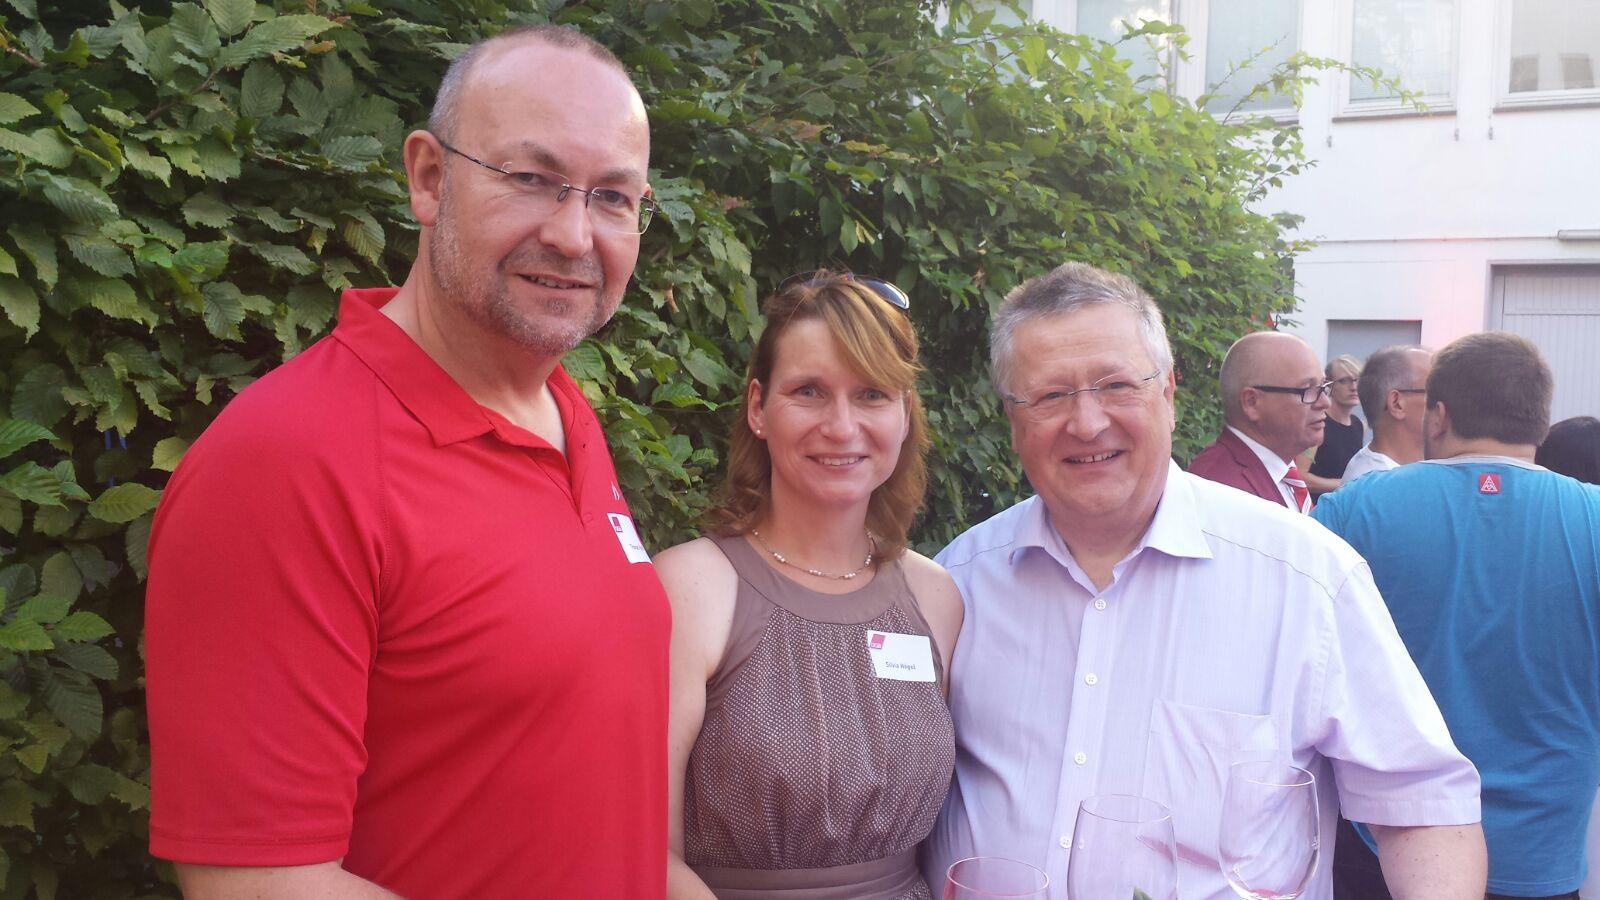 V.l.n.r. Thomas Högel, Silvia Högel, Gunter Fischer